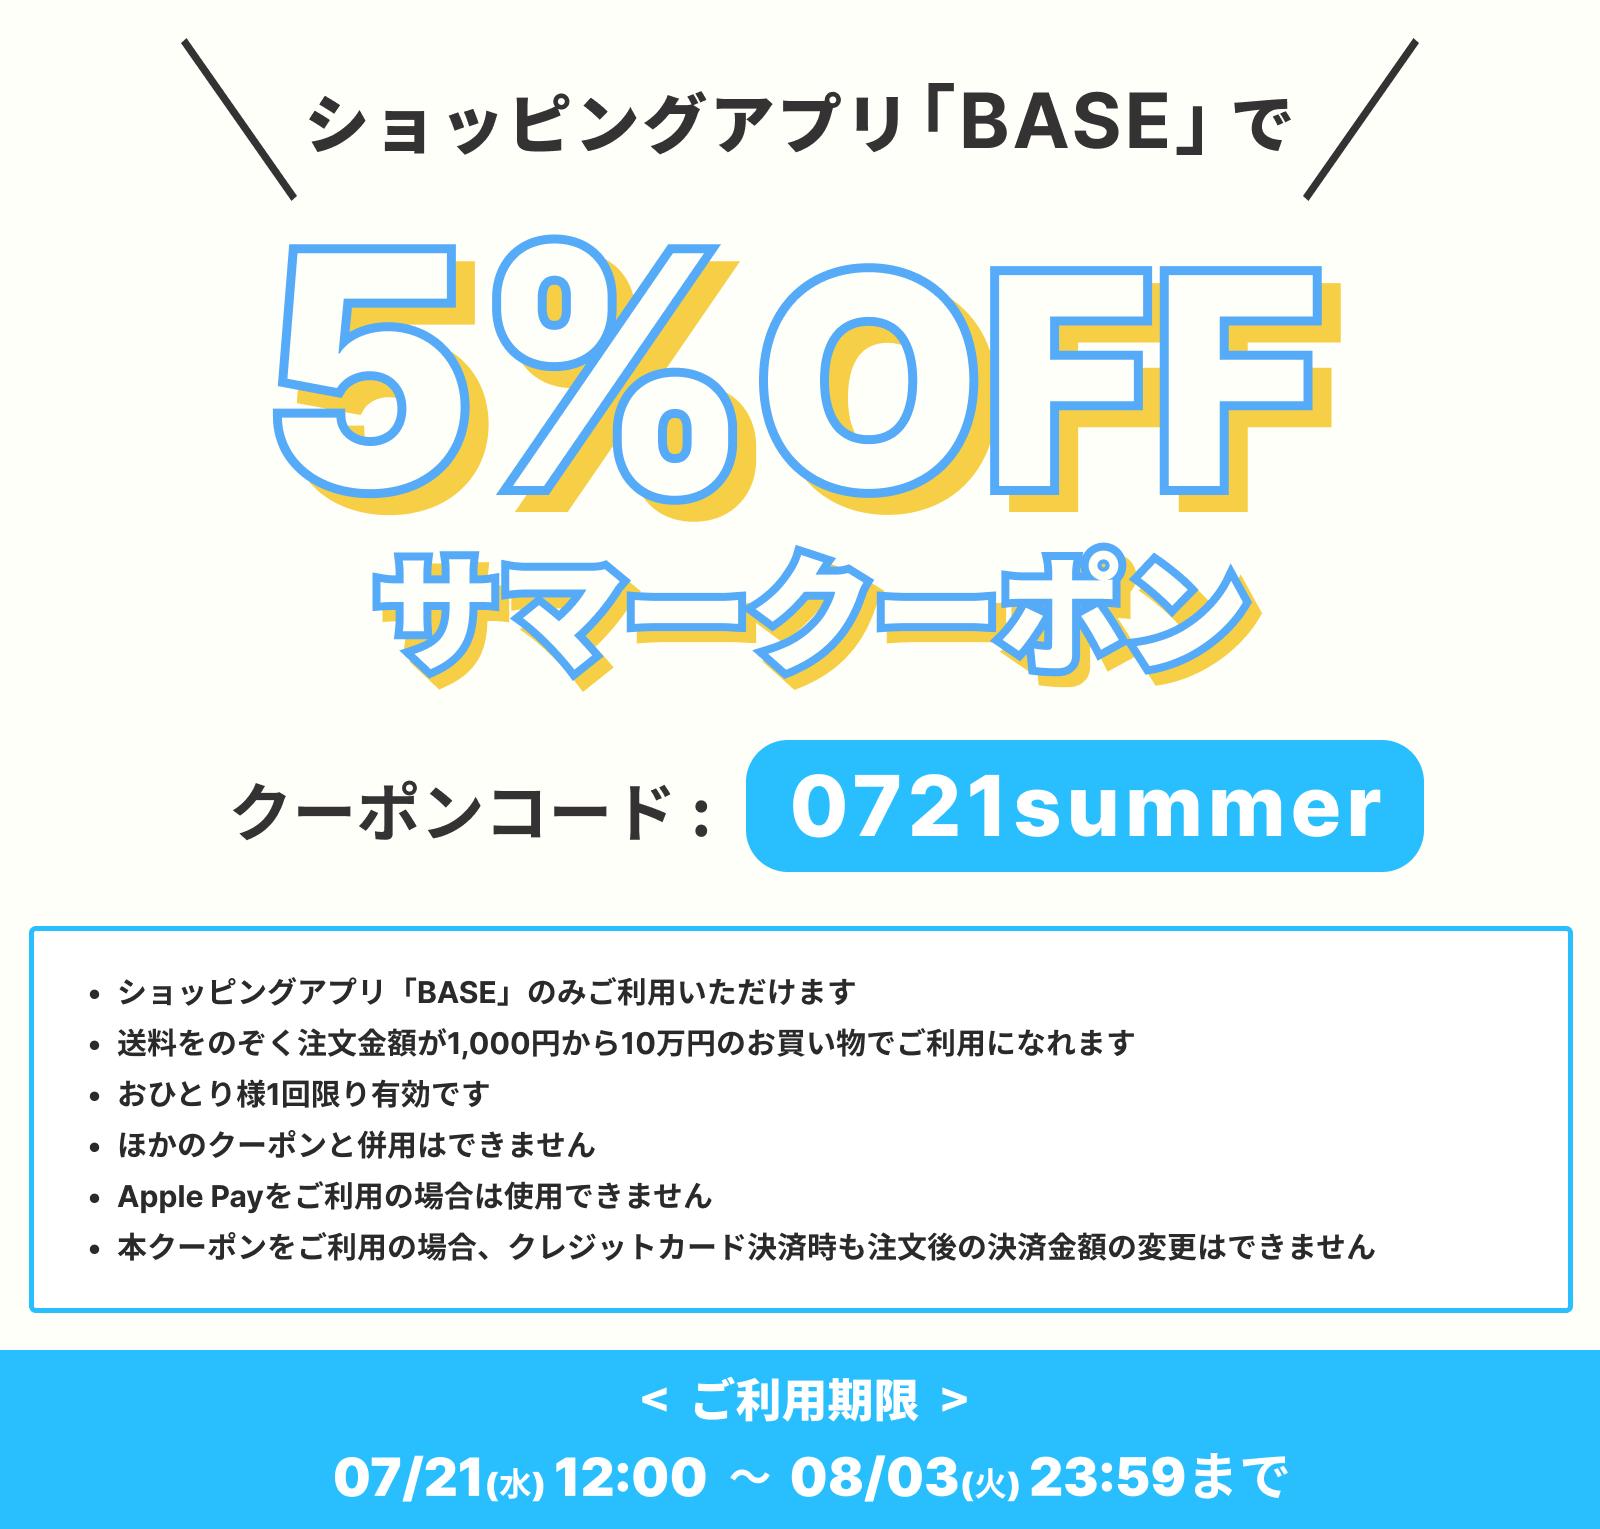 【7/21~8/3 期間限定!サマークーポンキャンペーン!5%OFFクーポンをプレゼント♪】